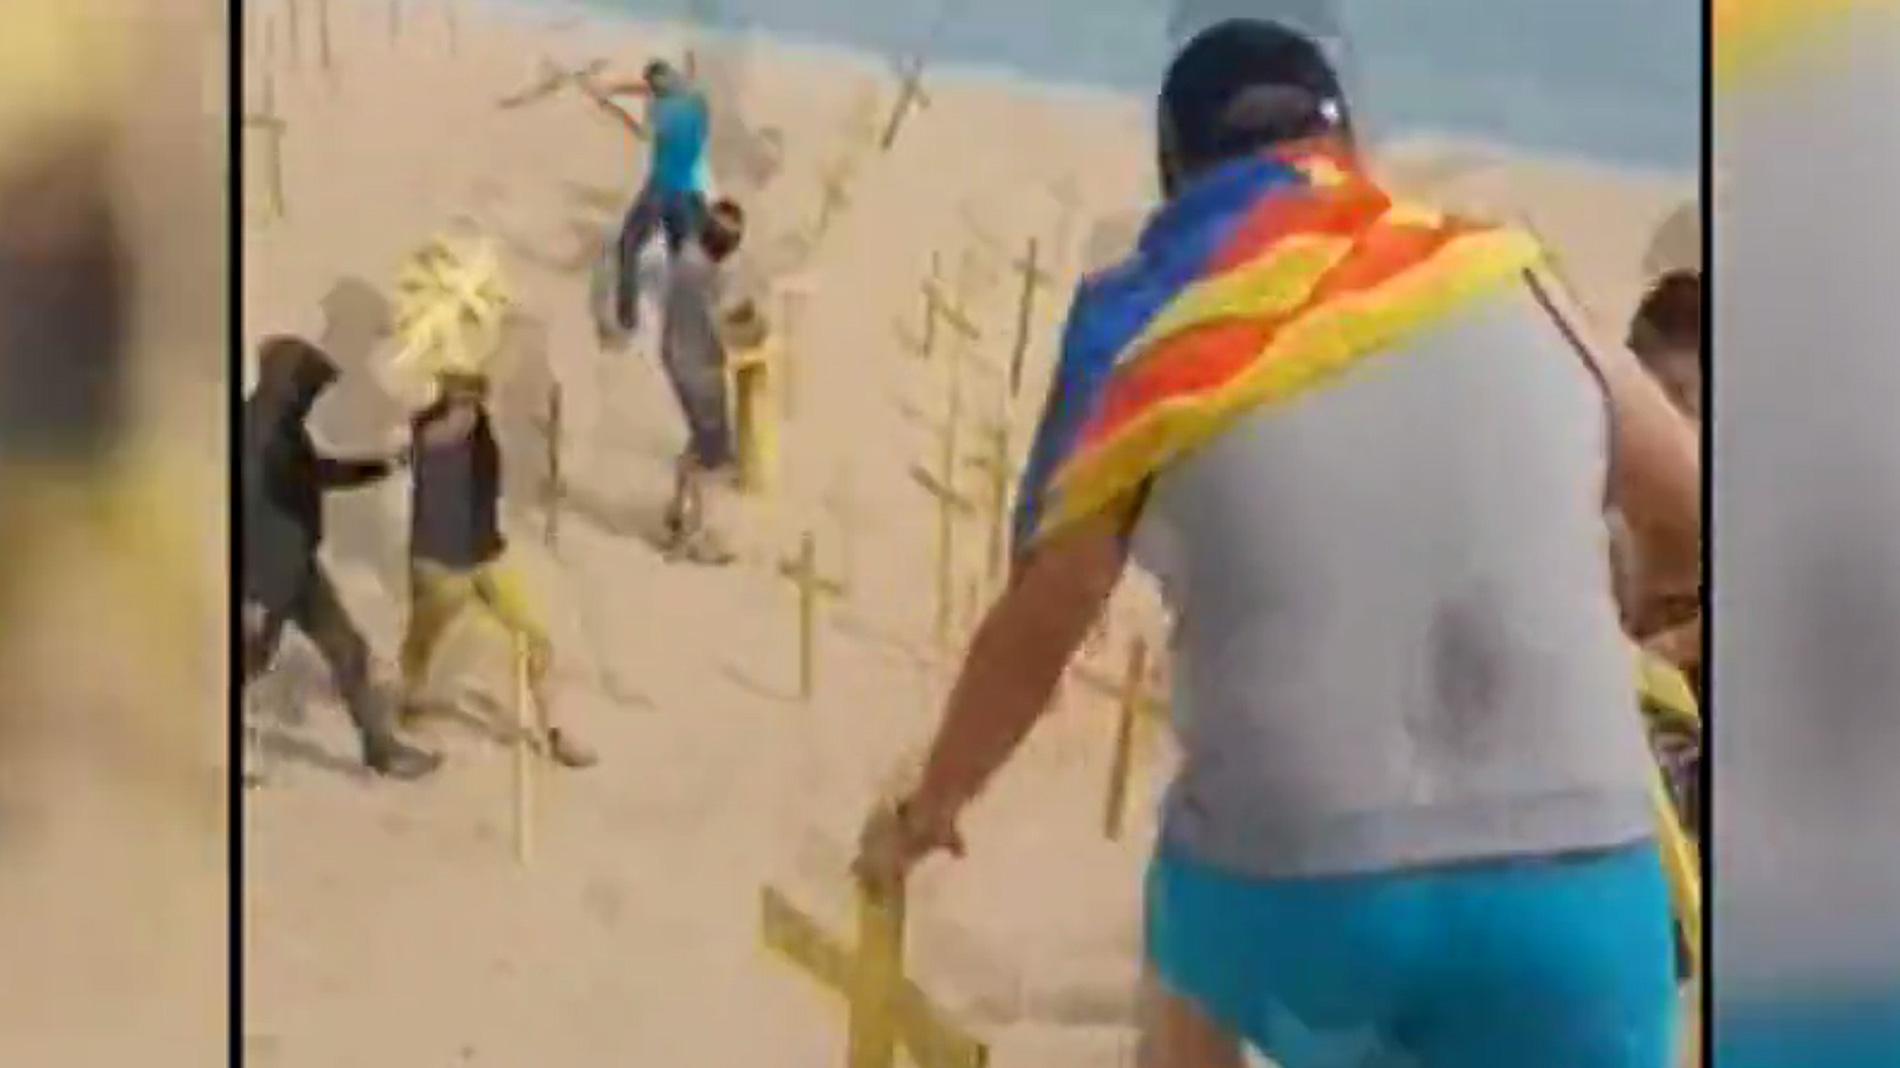 Cinco heridos leves en un enfrentamiento por cruces amarillas en apoyo a los políticos presos en Canet de Mar